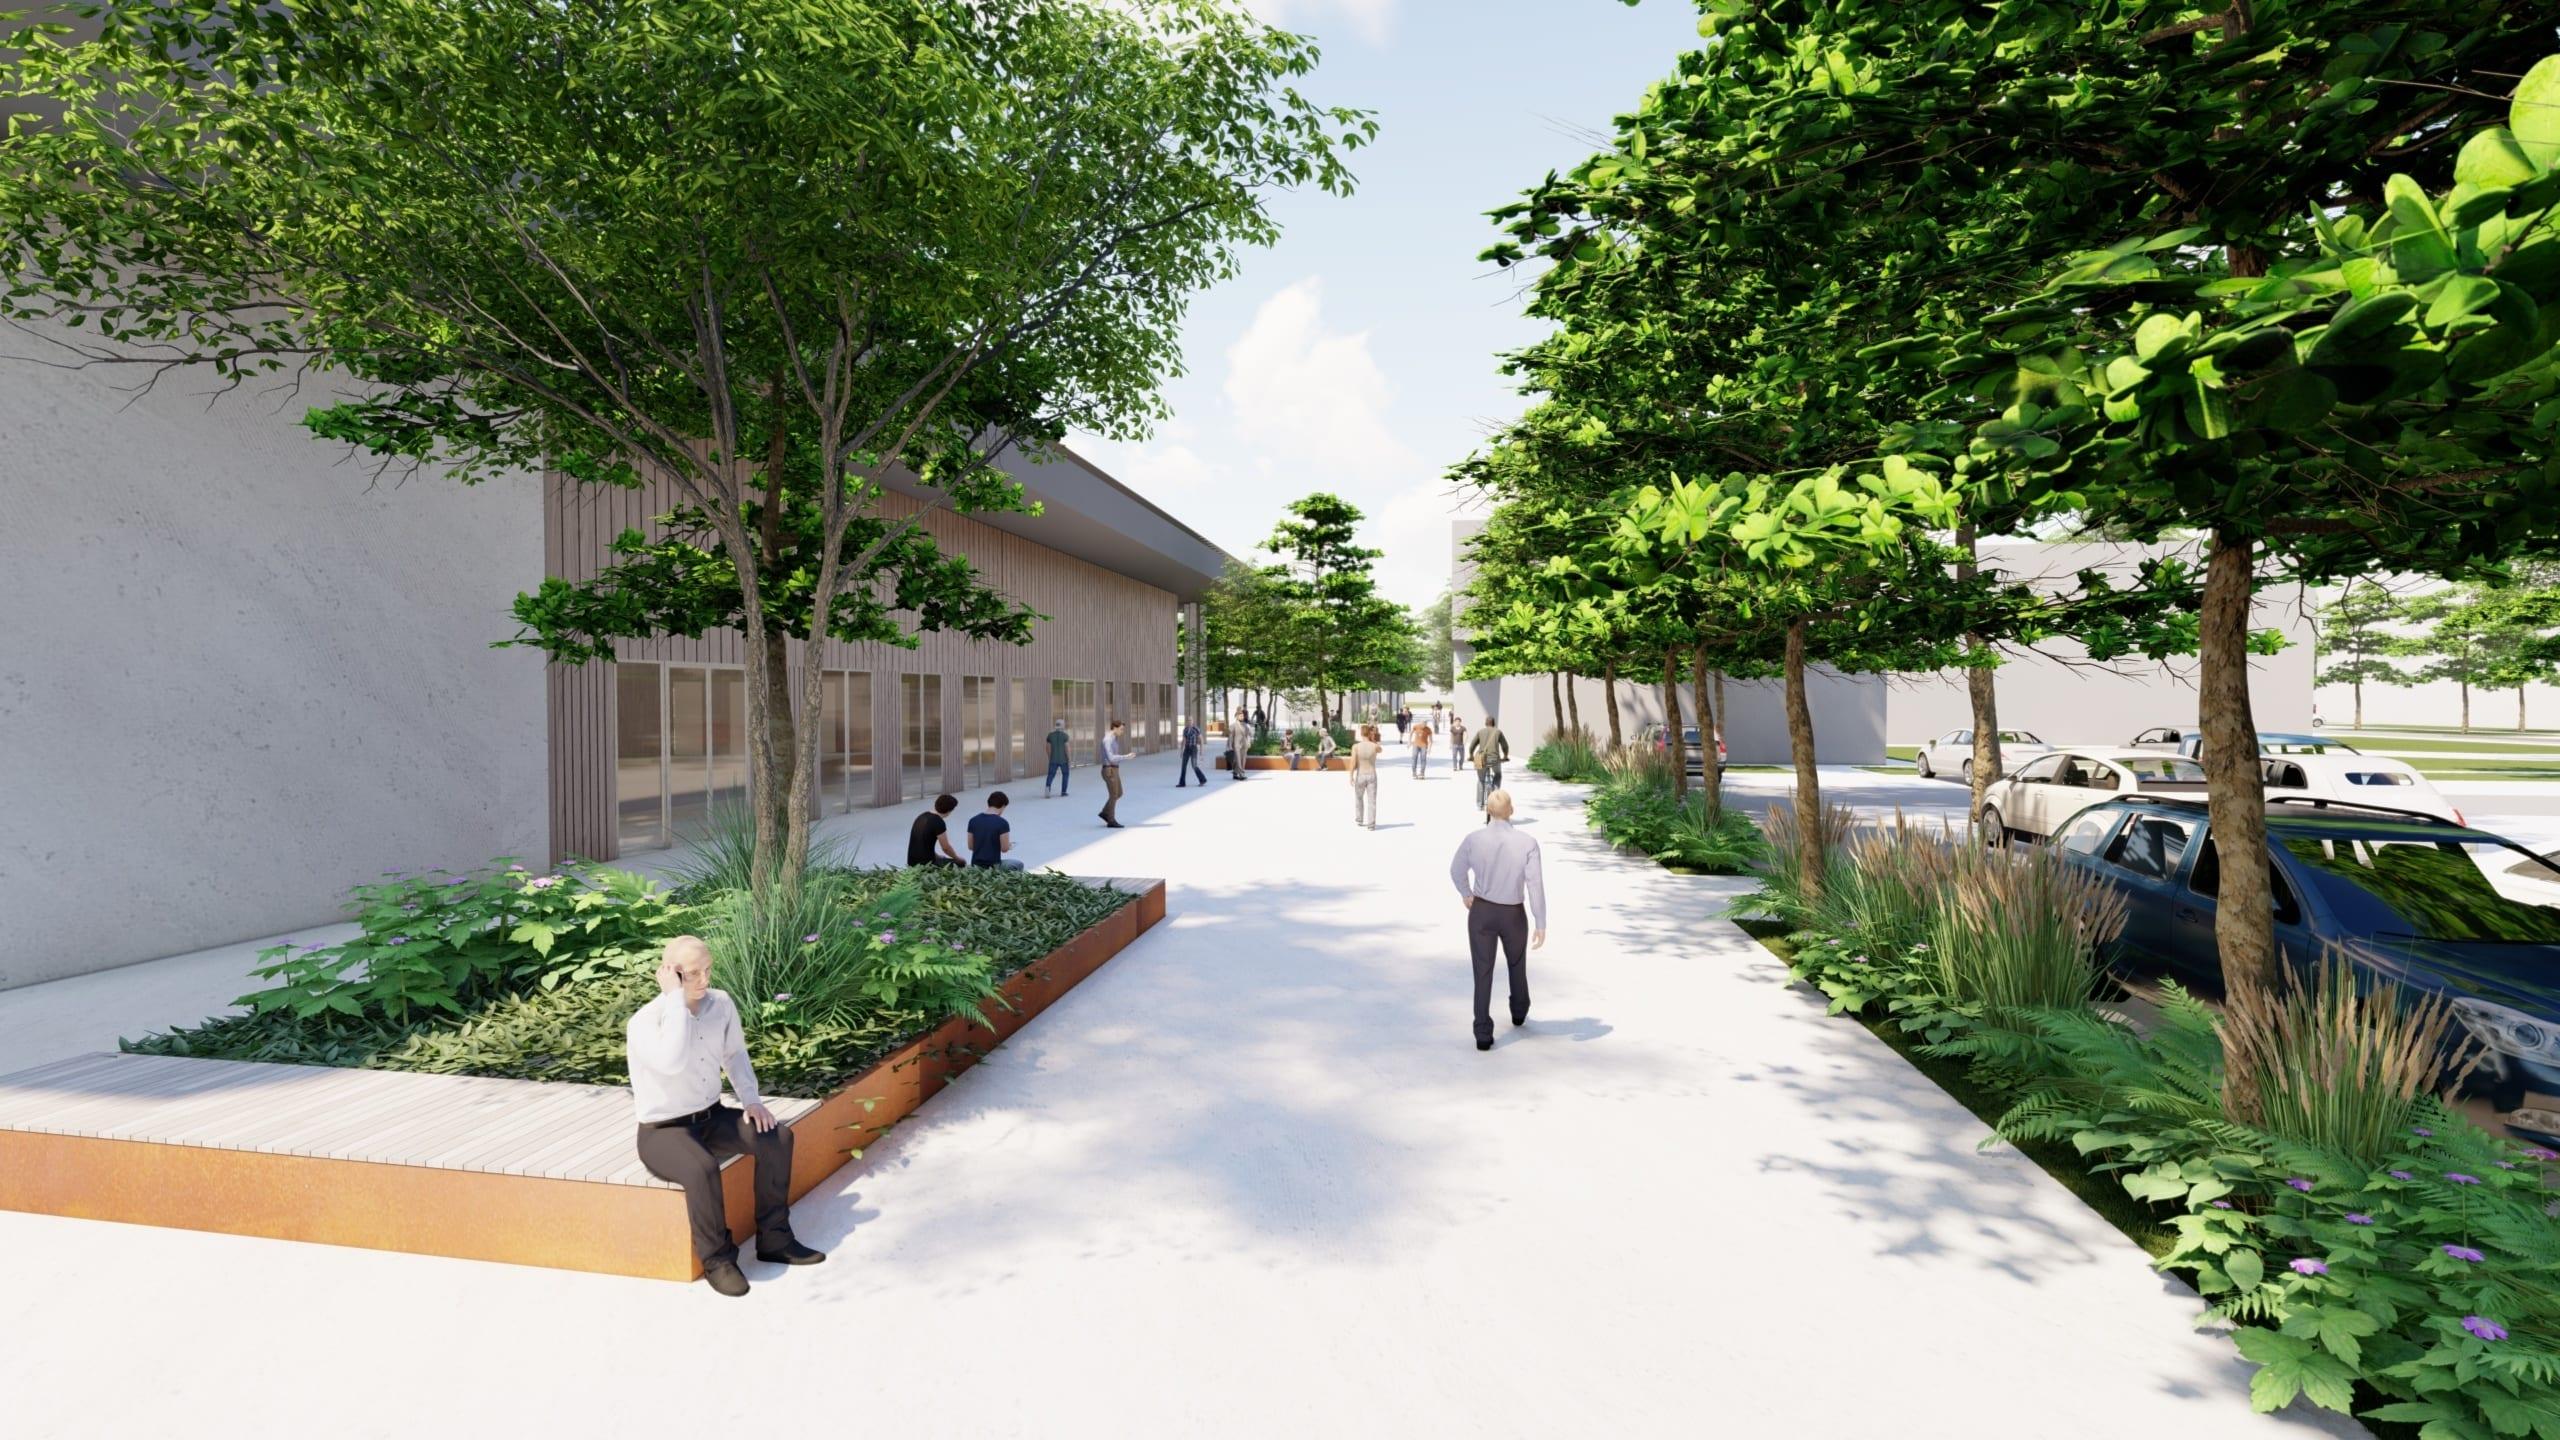 aménagement quartier vert petite hollande Hexagones 2024 Montbéliard<br /> ©Agence Donzé Architecte. Image non contractuelle